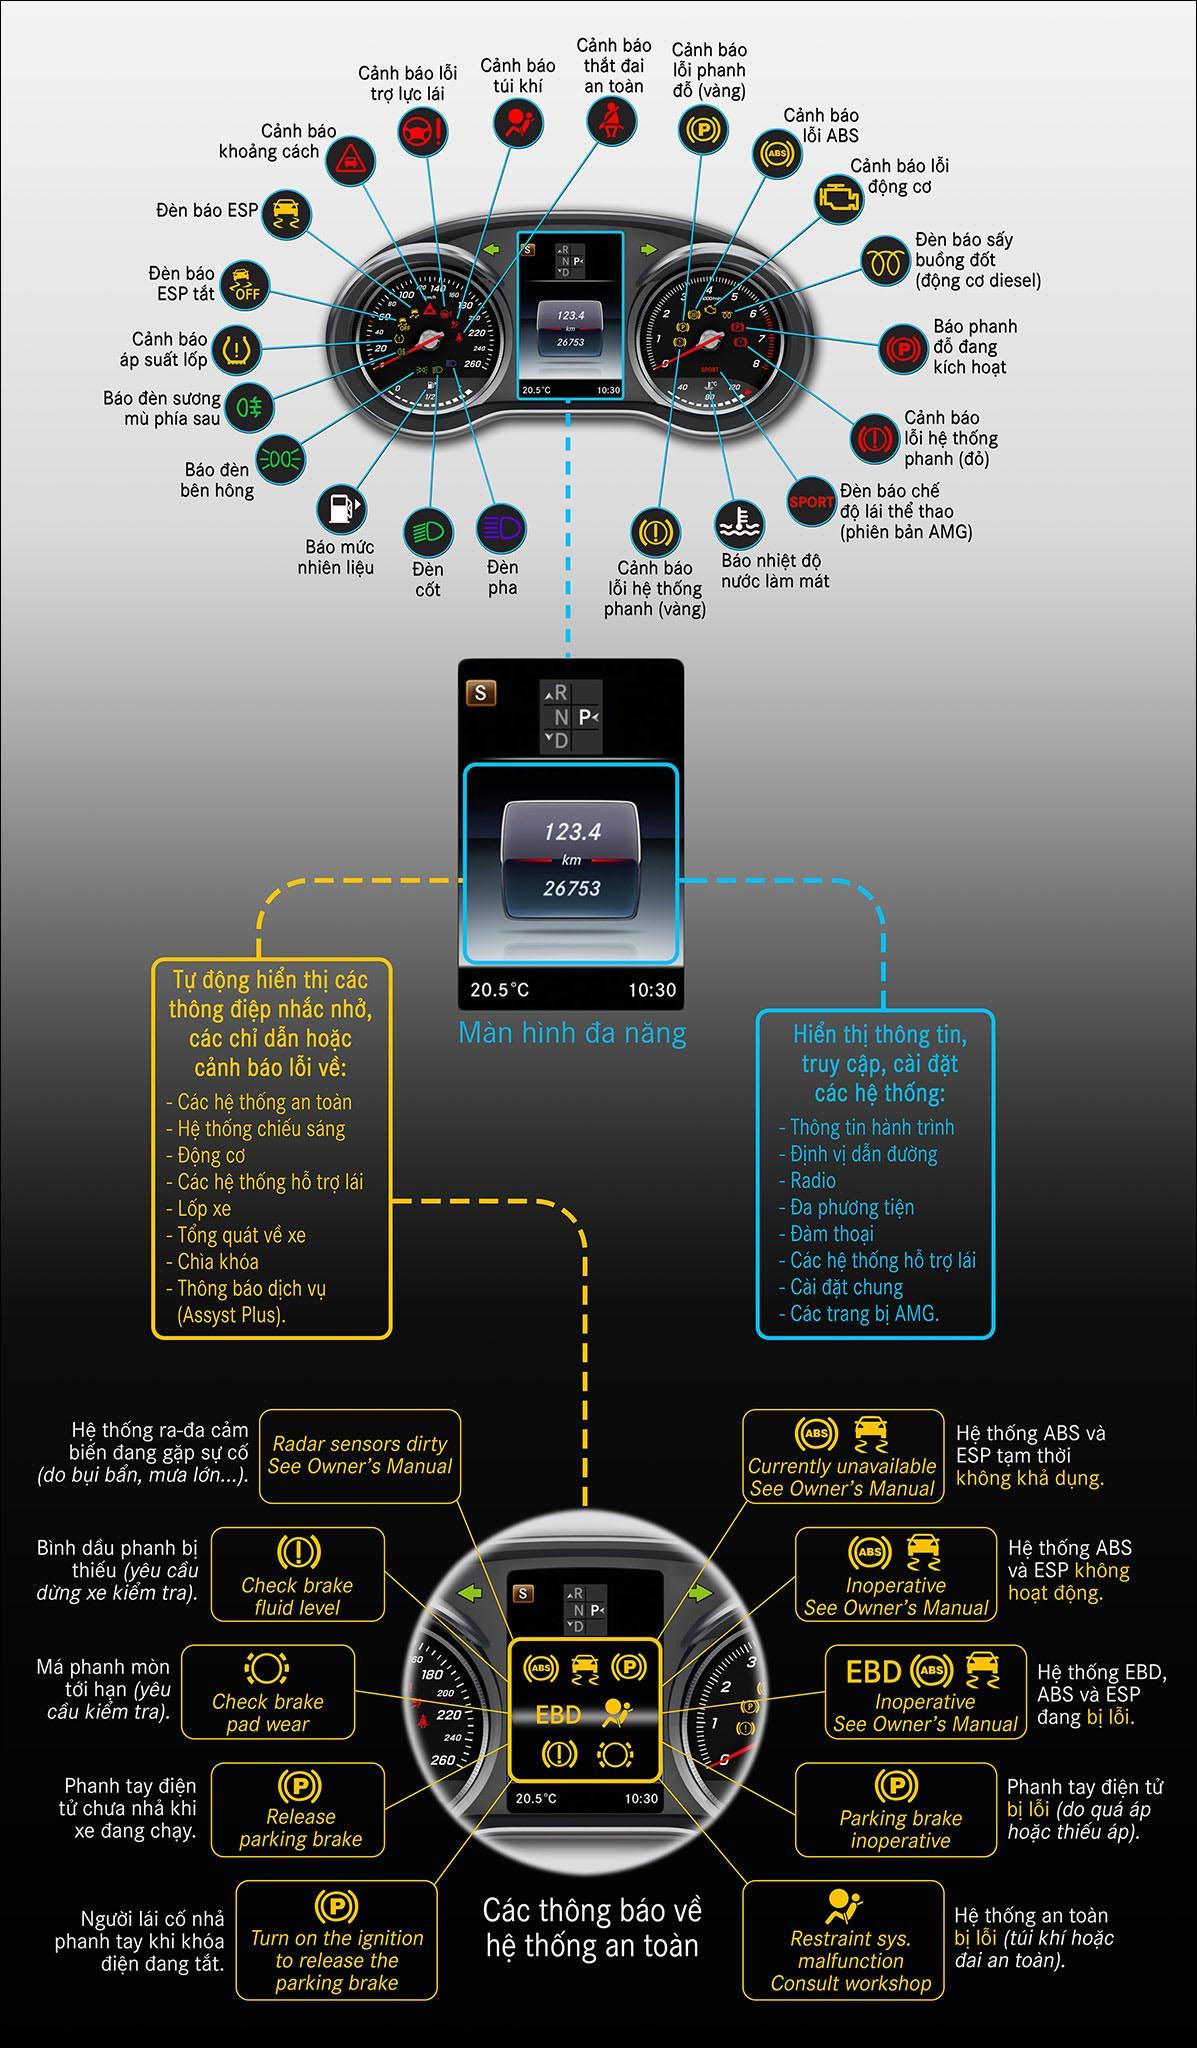 Hệ thống các đèn chỉ thị trên cụm đồng hồ, và 10 thông điệp an toàn đáng chú ý trên màn hình đa năng của các mẫu xe Mercedes C-Class/GLC